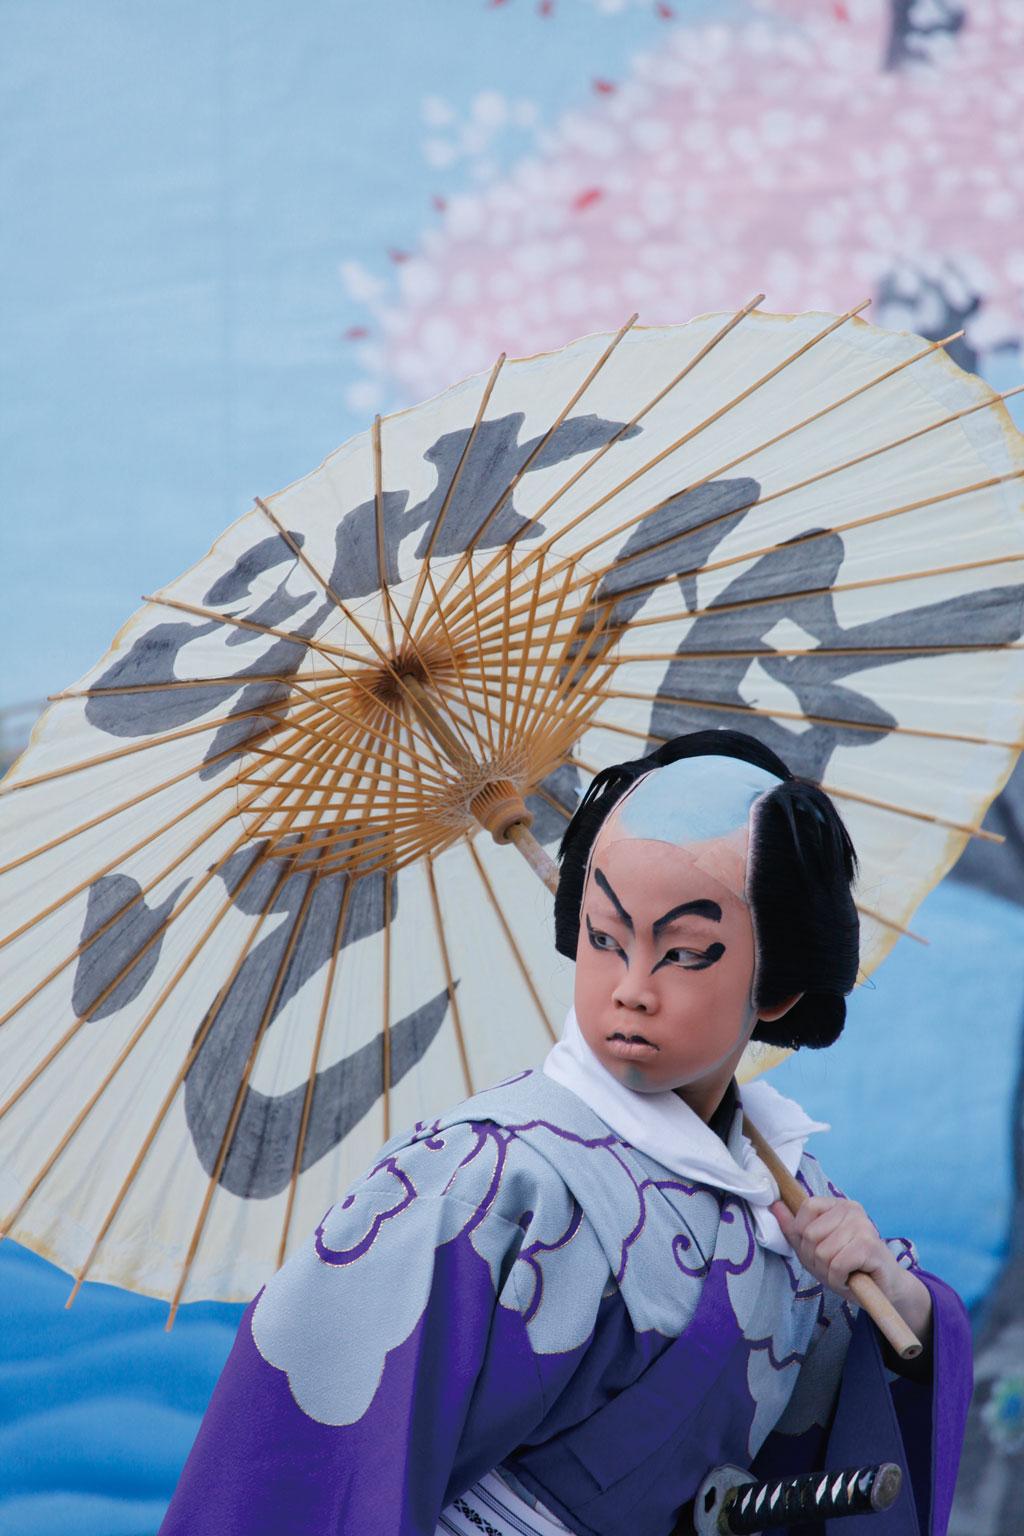 第7 回『新富座こども歌舞伎』 泰明小学校公演